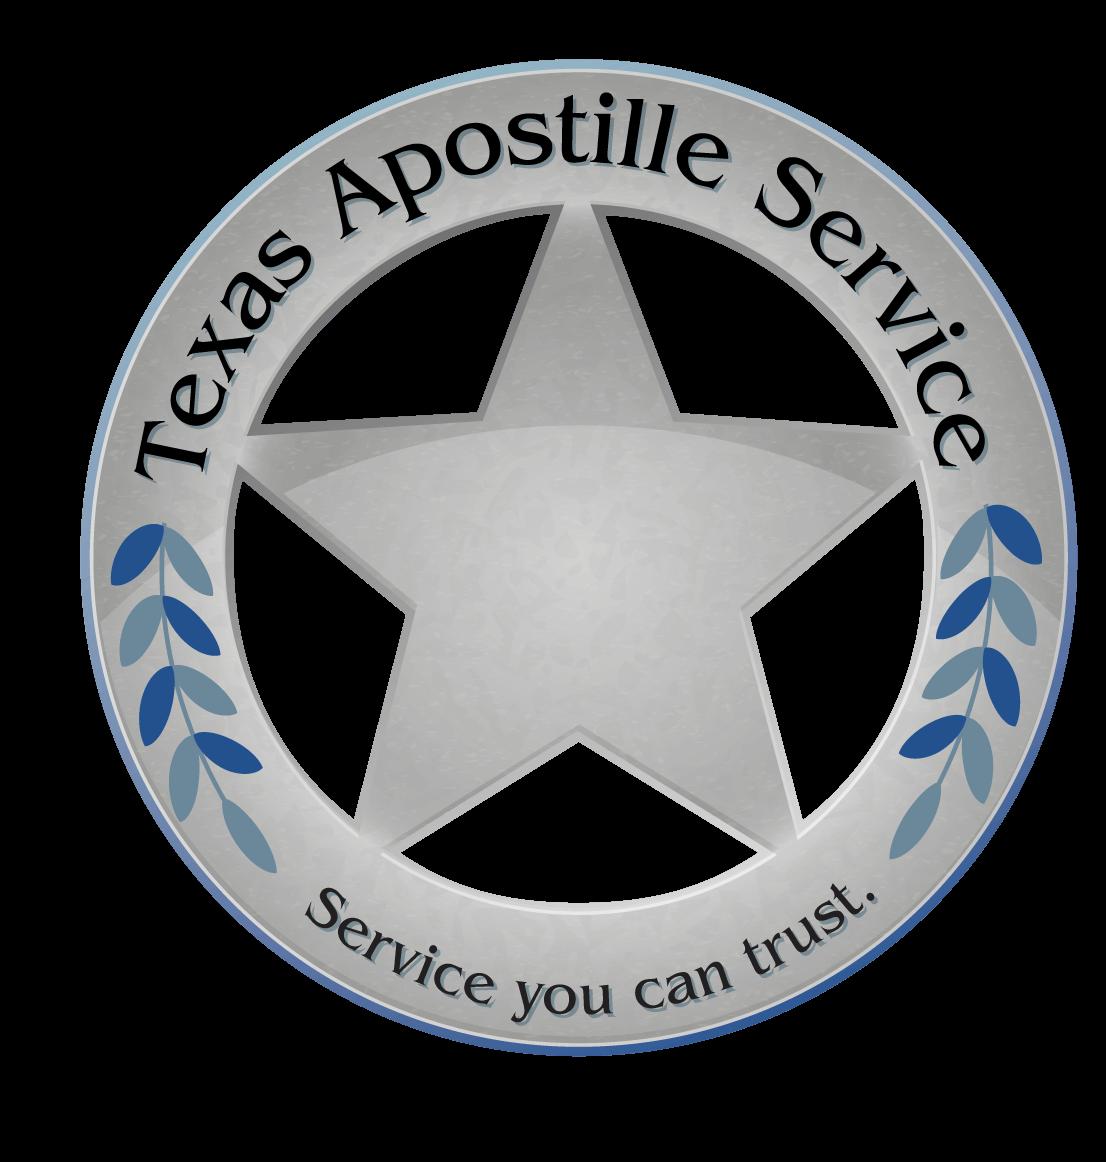 Texas Apostille Service Best Price Fastest Service No 1 In